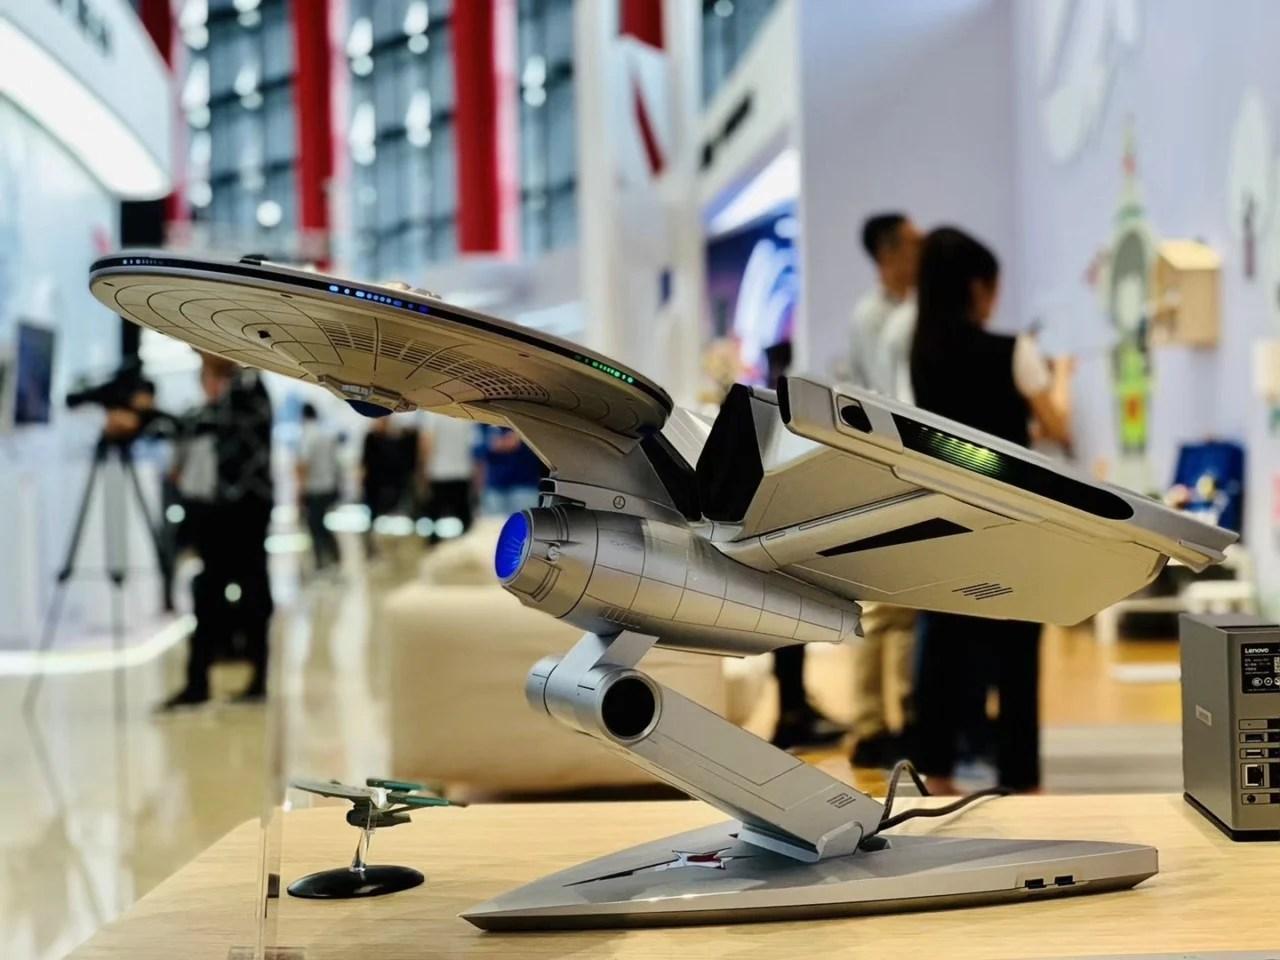 Lenovo S Spaceship Shaped Titanium Enterprise Packs Ninth